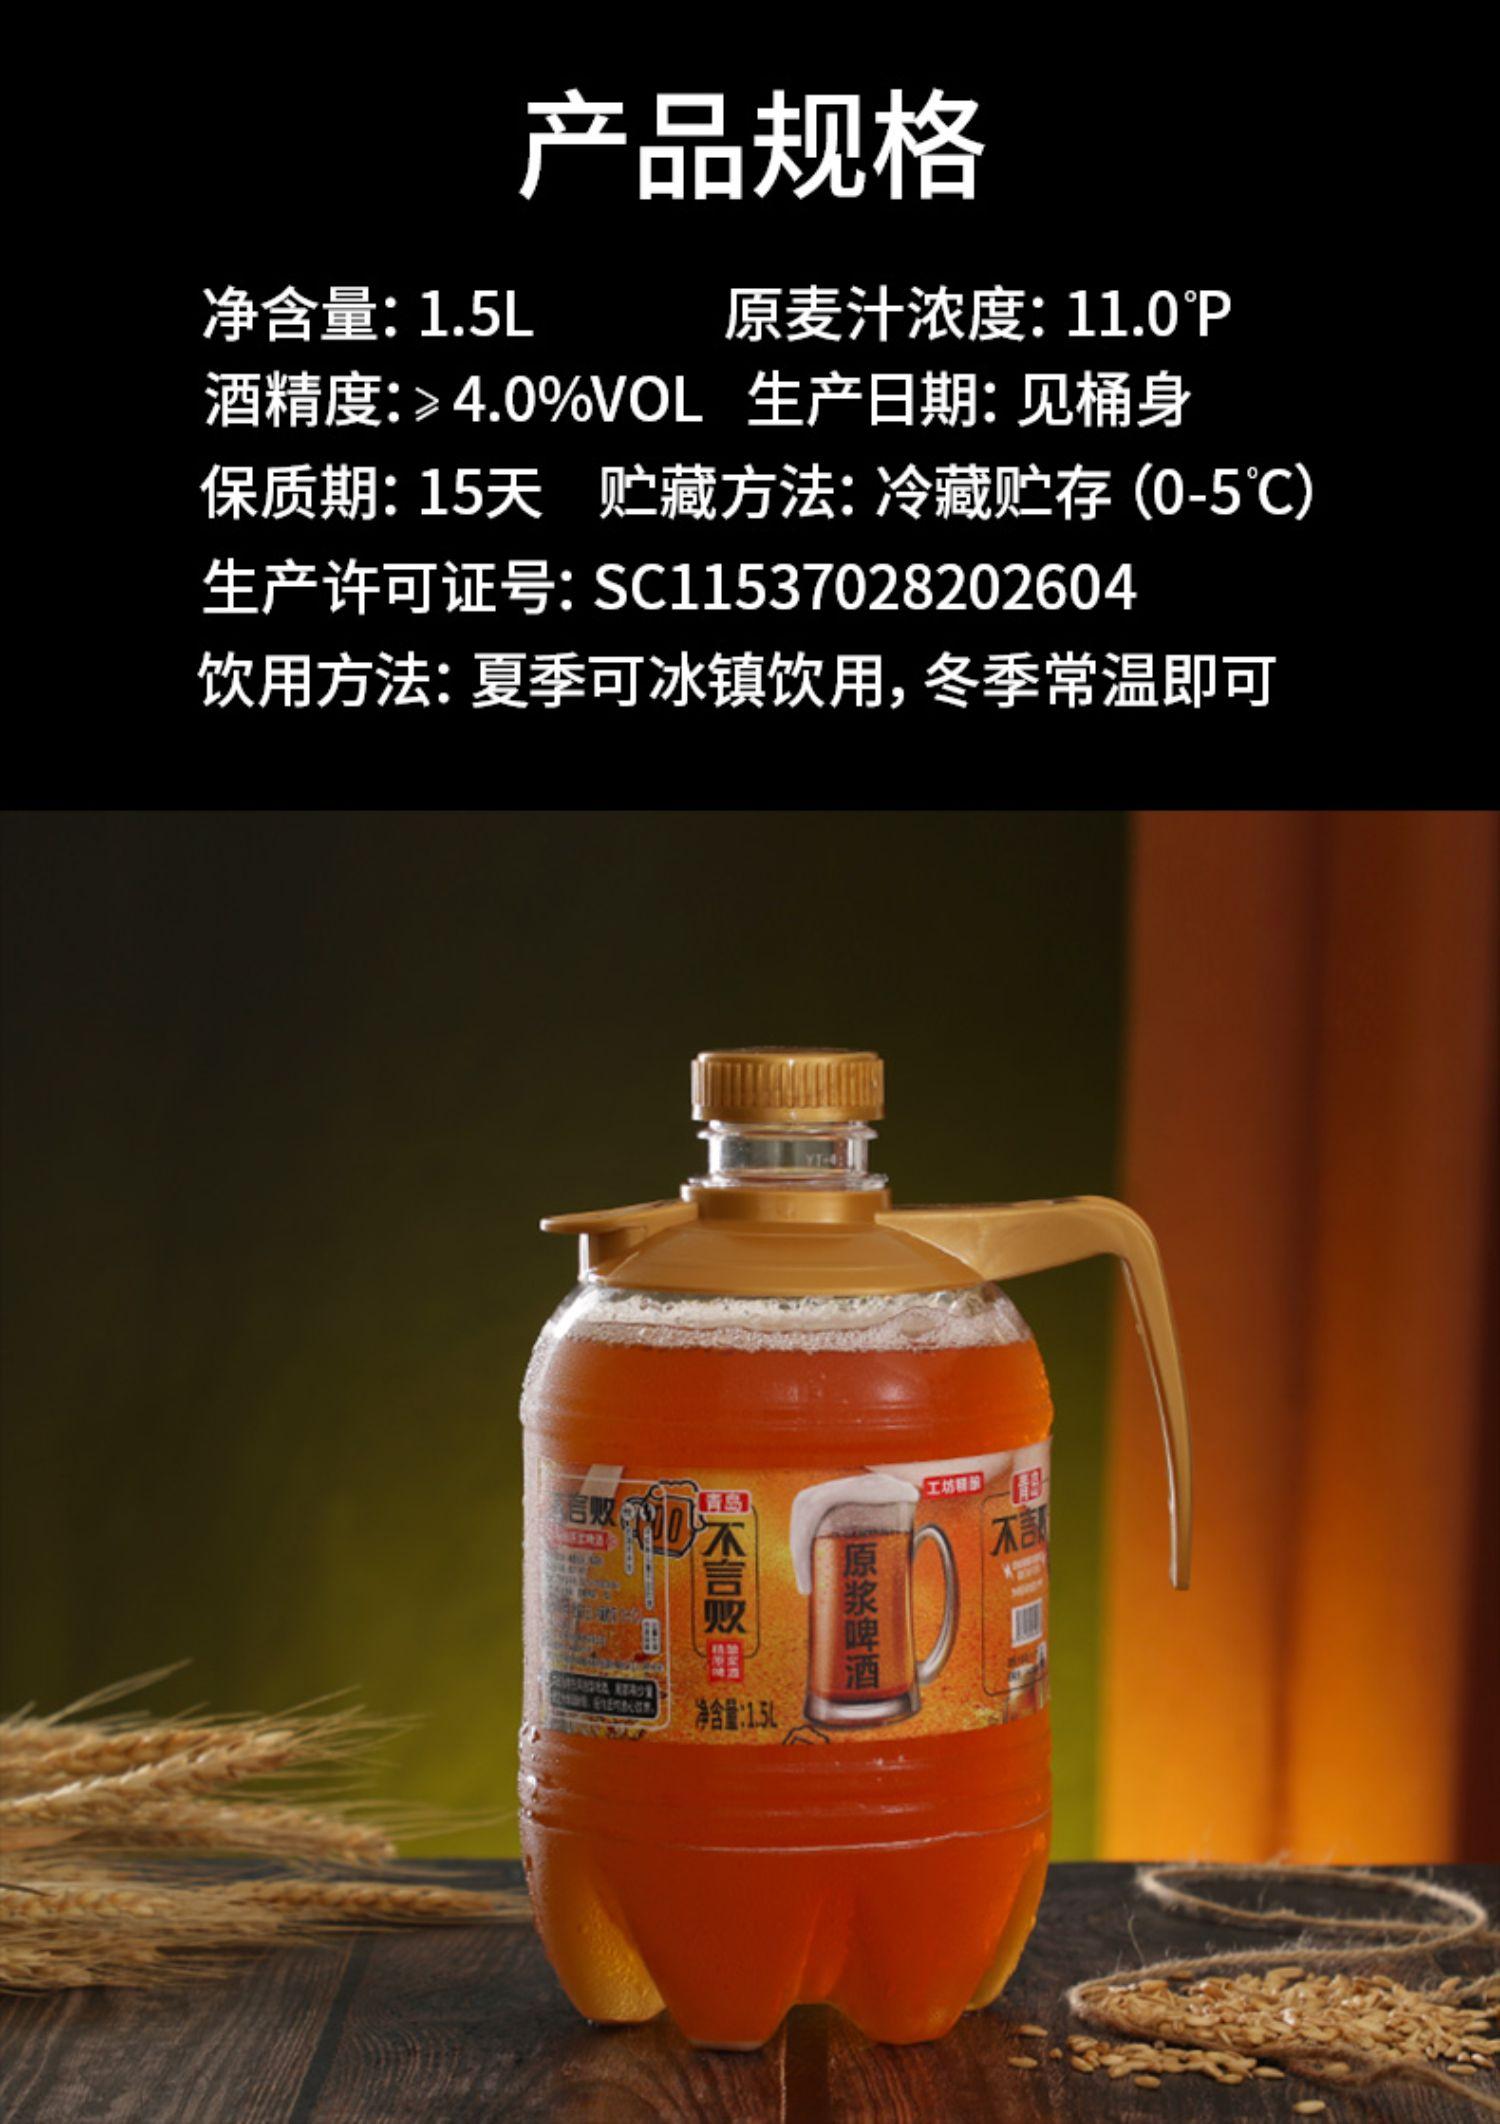 青岛特产原浆啤酒精酿啤酒1.5L